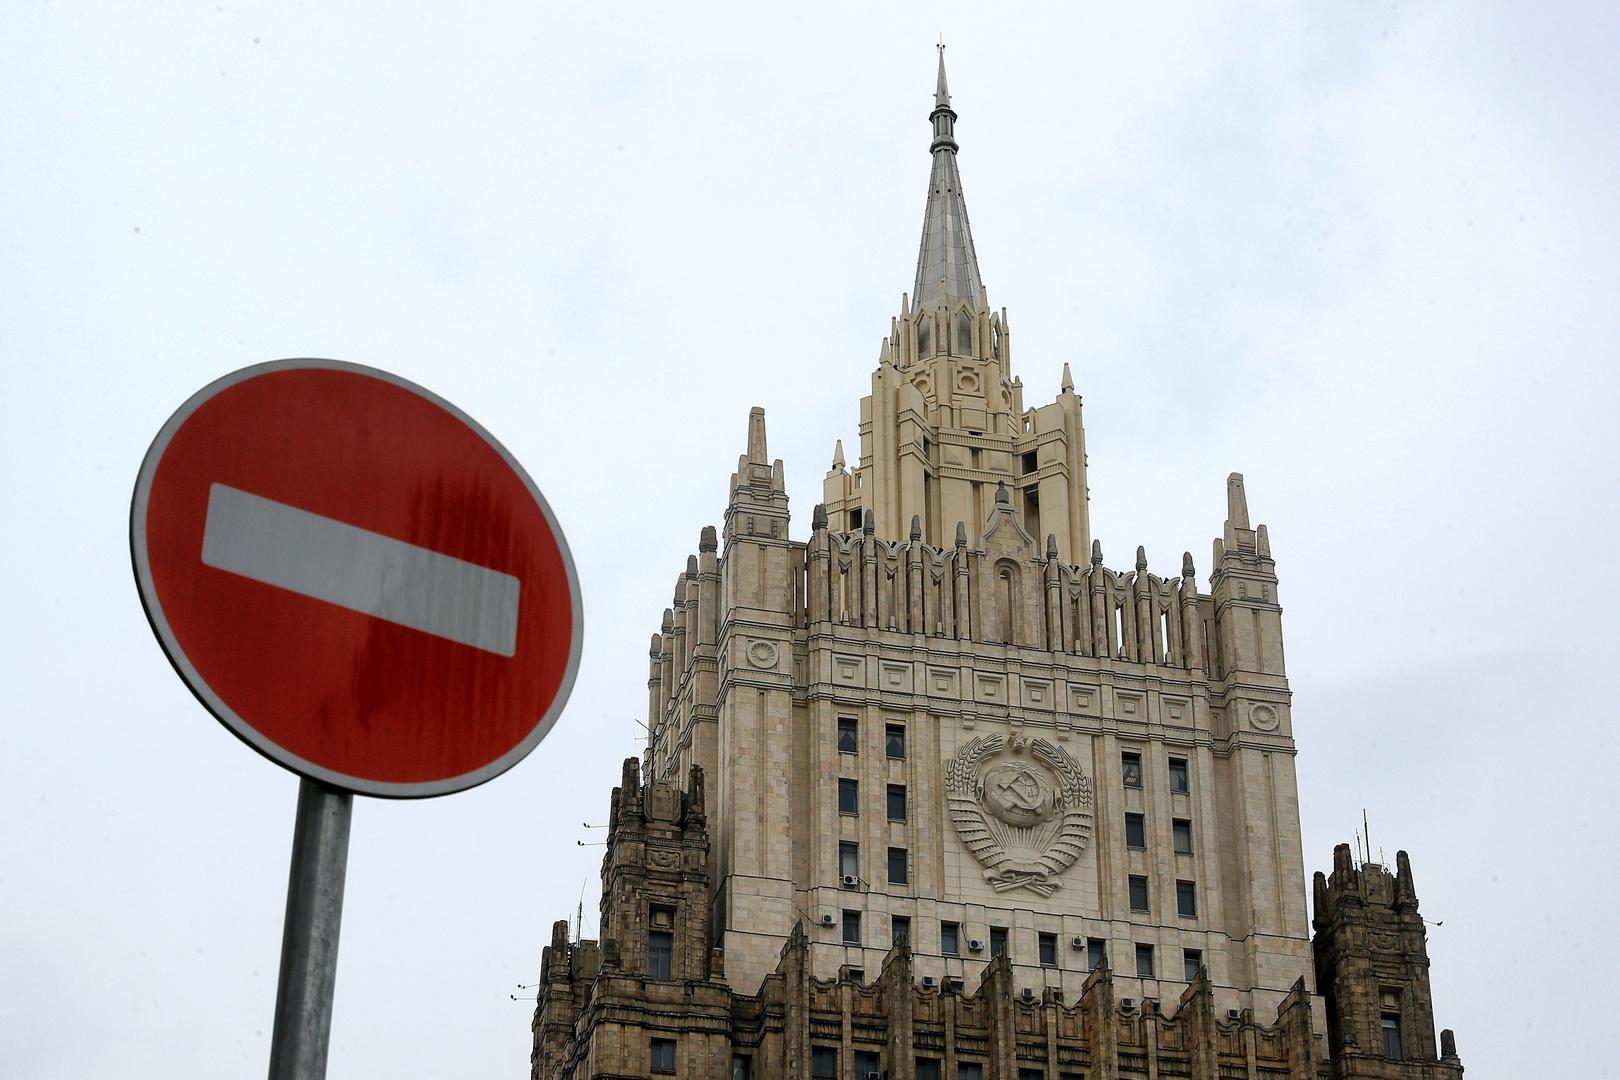 روسيا تدعو المجتمع الدولي إلى حظر تصدير الأسلحة إلى أوكرانيا